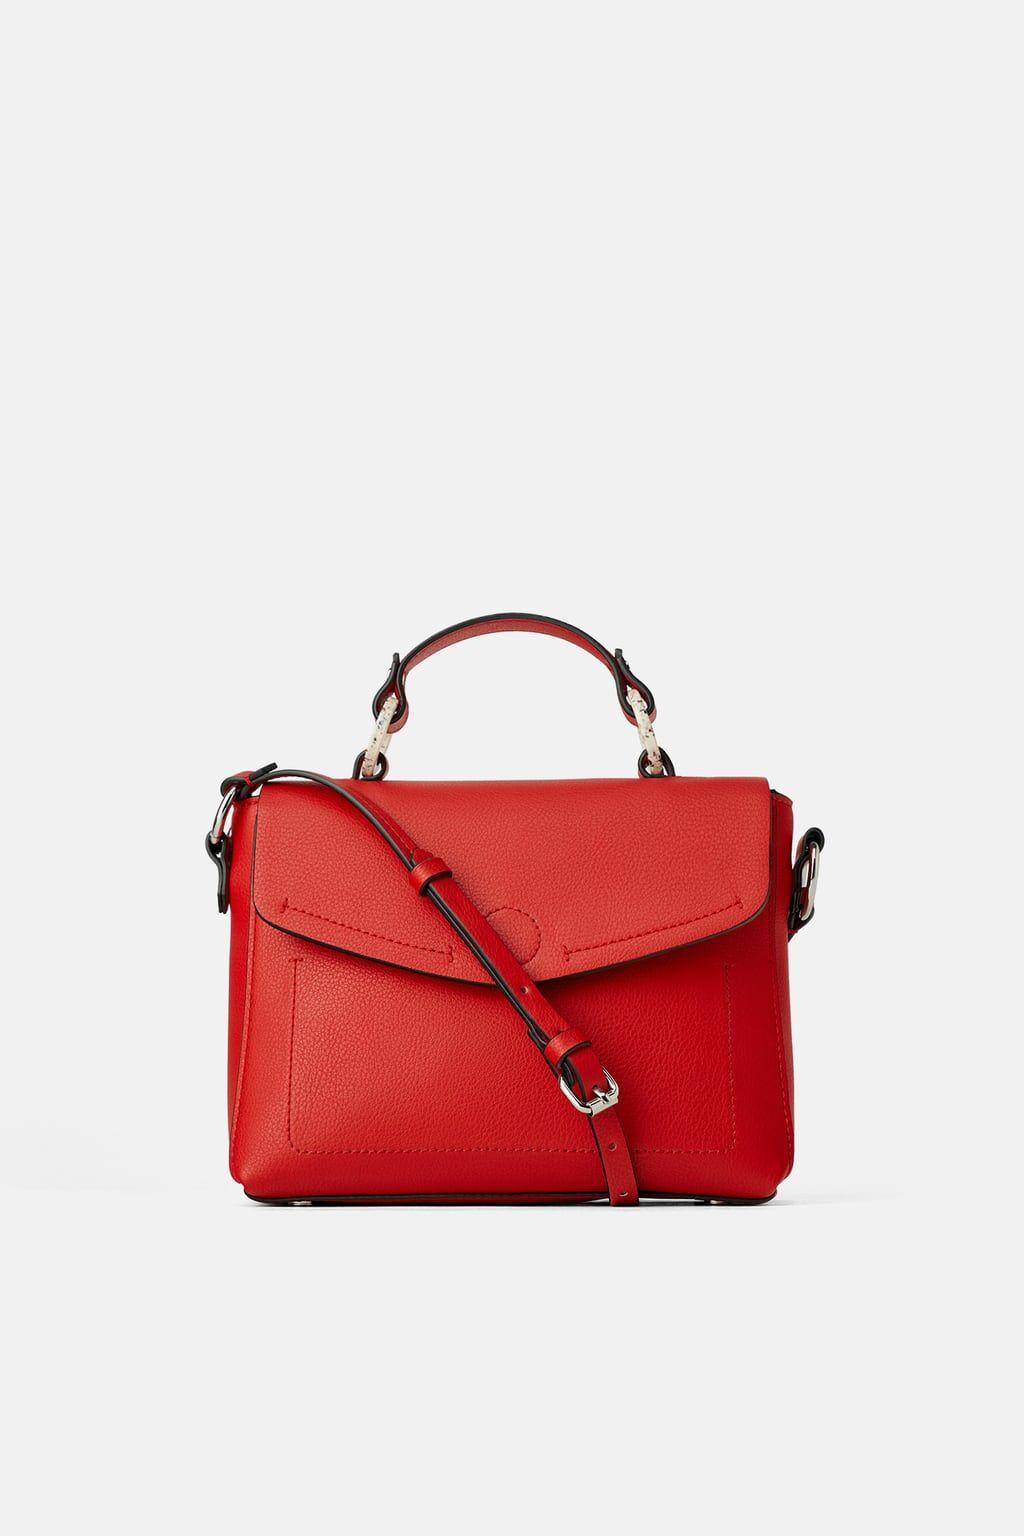 Bags MujerNueva Colección Bolsos Online Zara Para Colombia En exordWQCBE